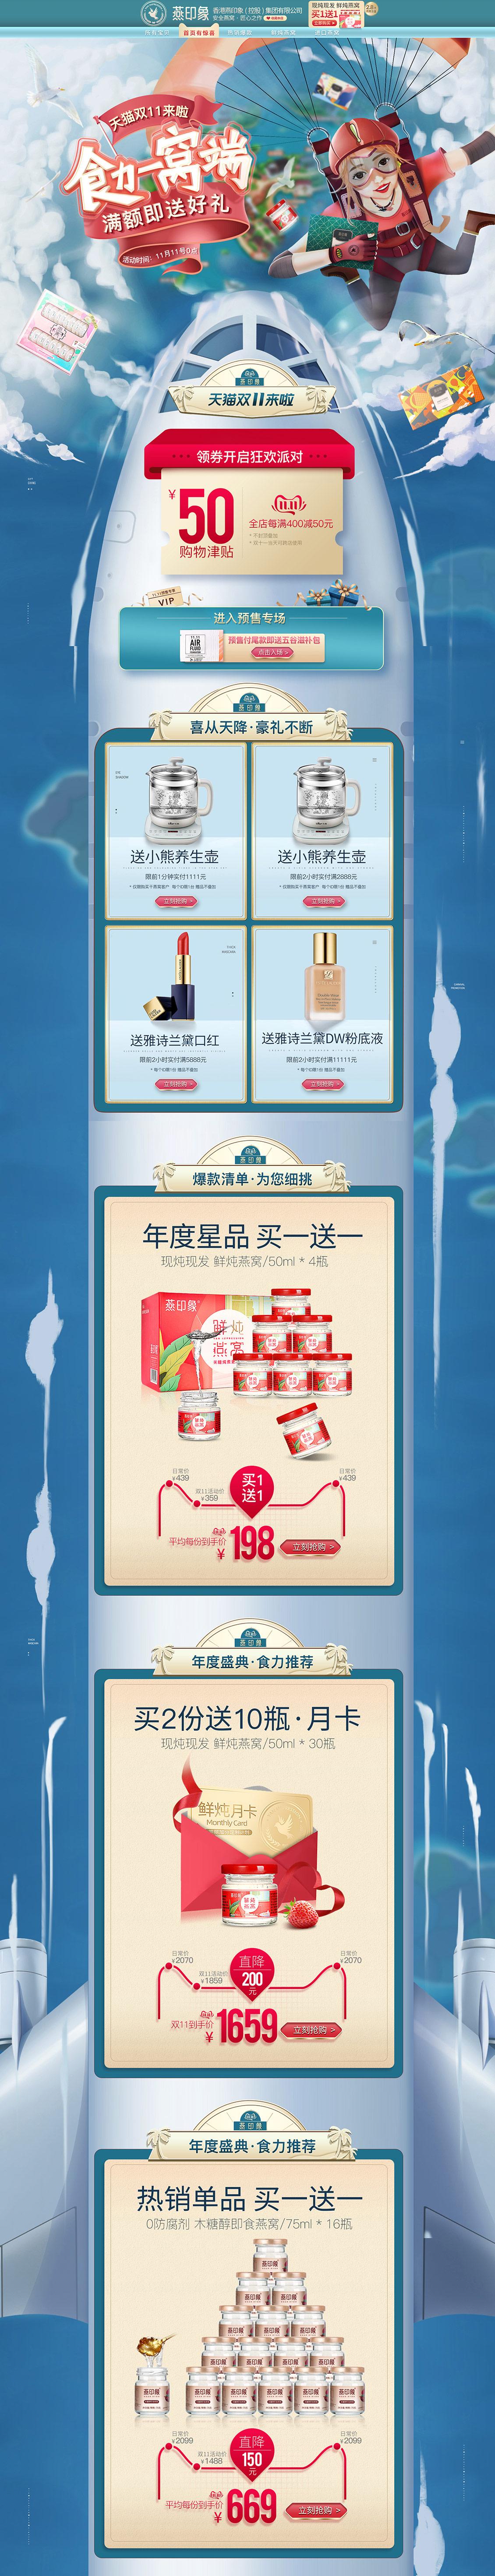 燕印象食品 营养保健食品 滋补膳食 双11预售 双十一来了 天猫首页活动专题页面设计